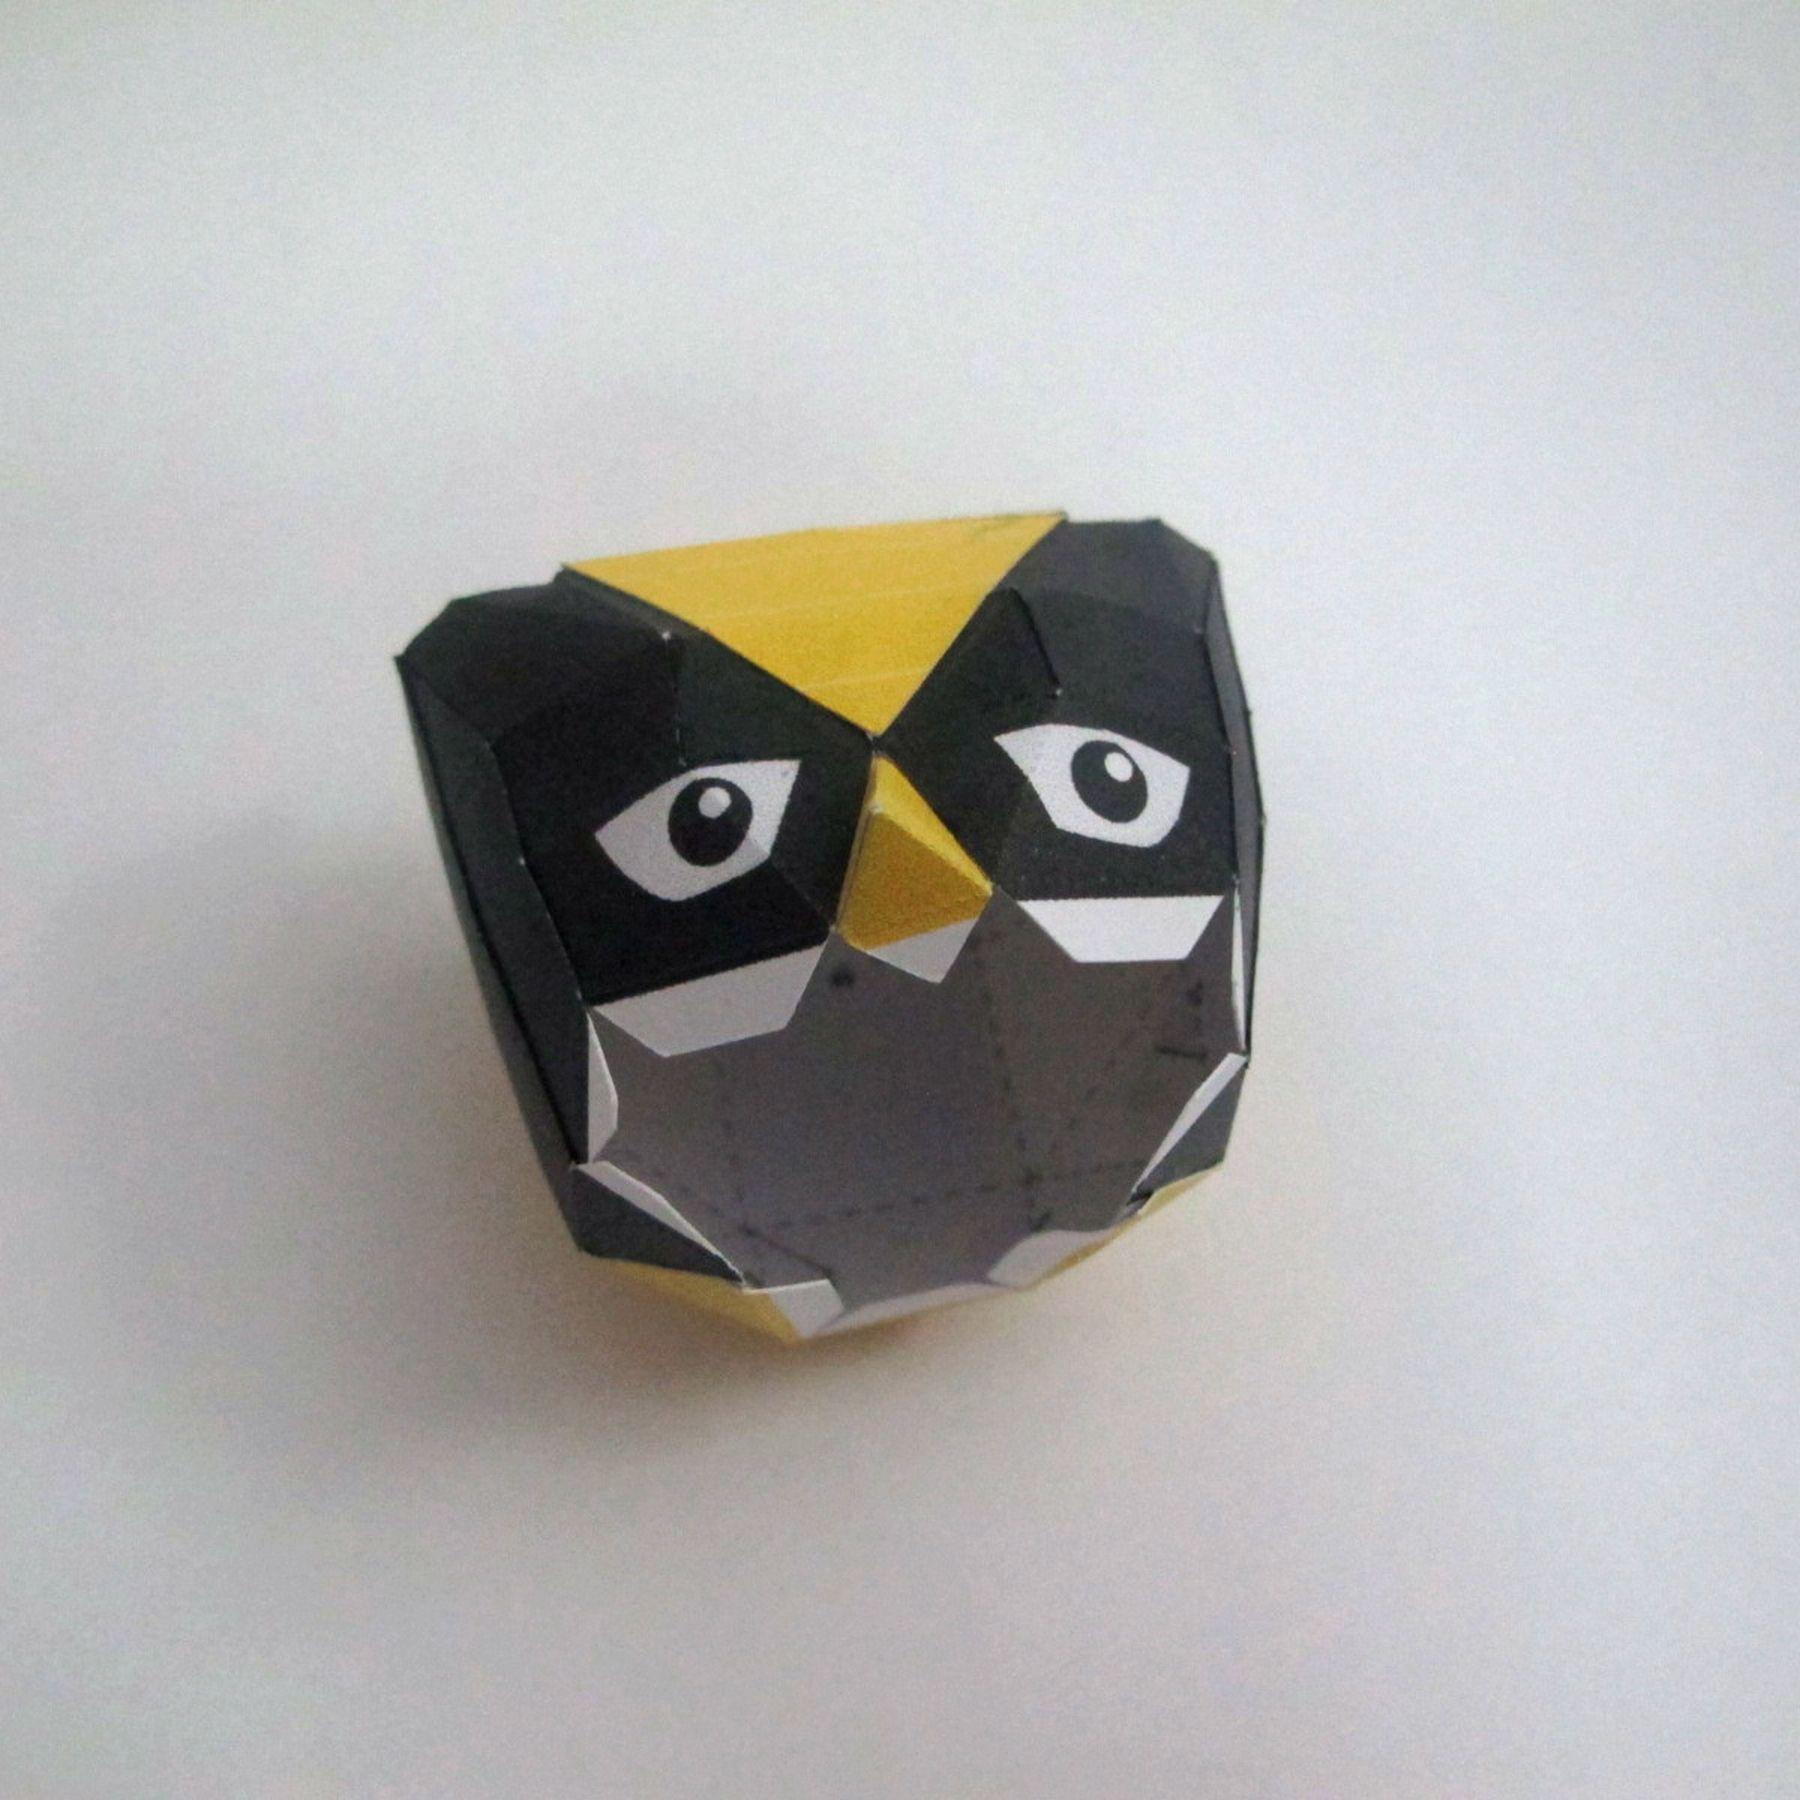 วิธีทำของเล่นโมเดลกระดาษ วูฟเวอรีน (Chibi Wolverine Papercraft Model) 017